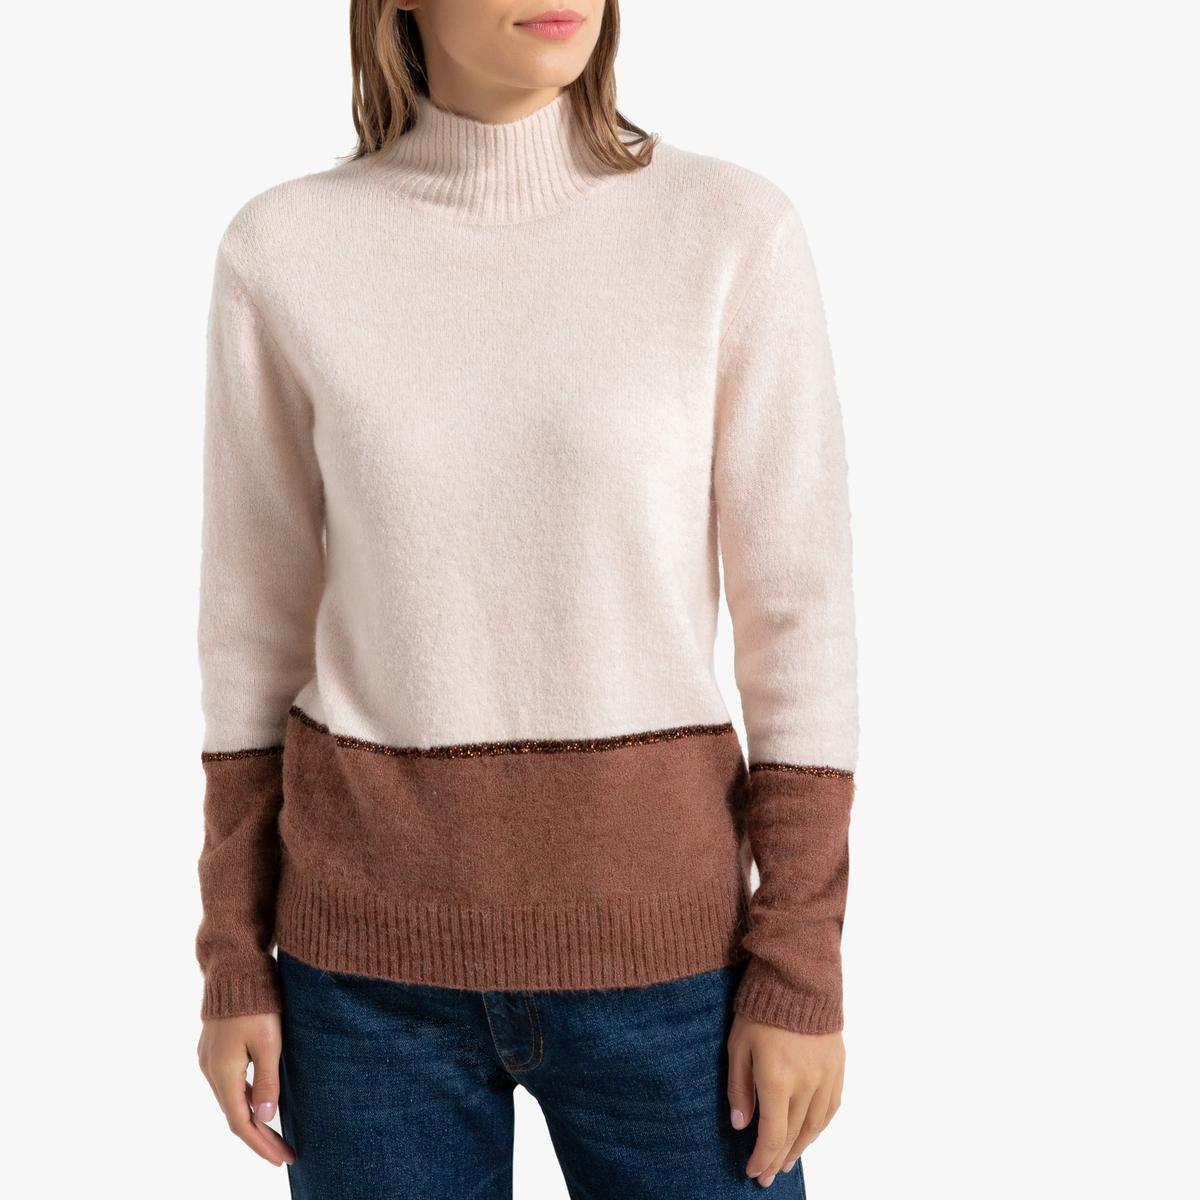 Пуловер La Redoute Двухцветный с воротником-стойкой S другие